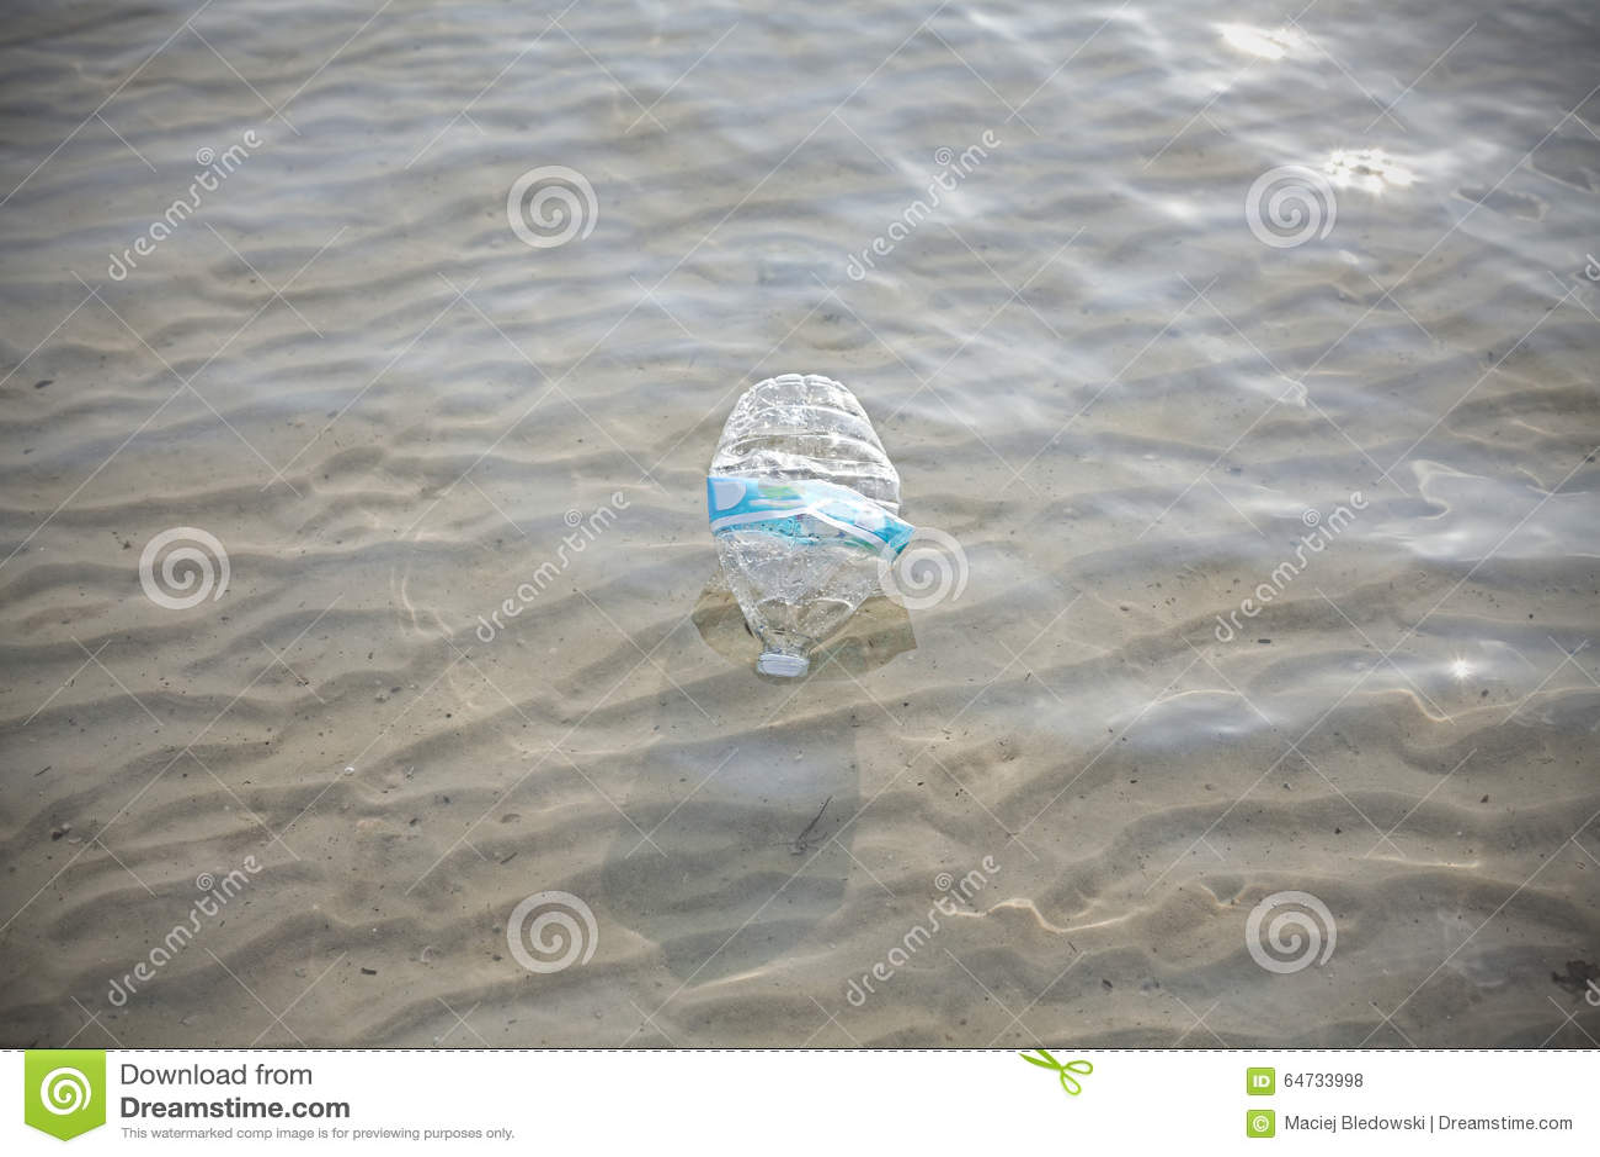 La plastica imbottiglia l acqua di mare bassa, raggiro dell inquinamento ambientale